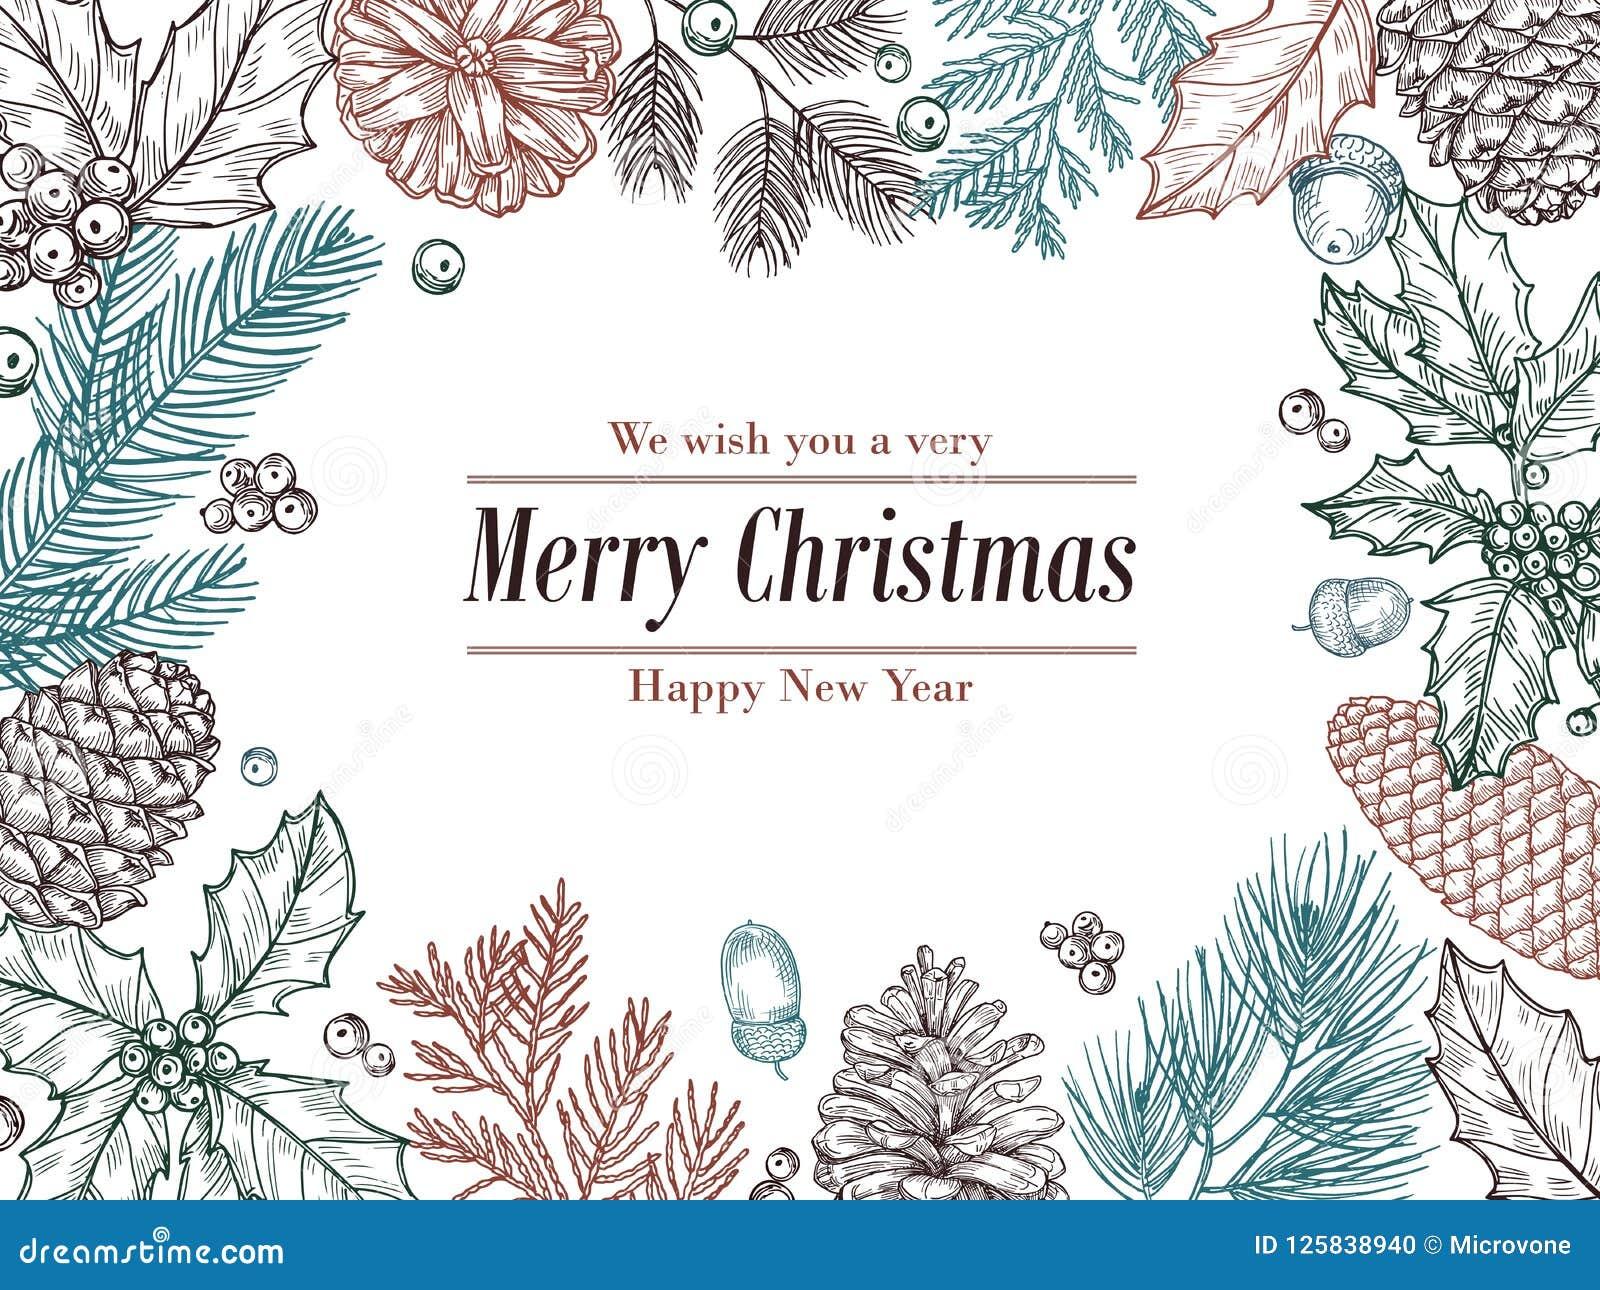 Invitación del vintage de la Navidad El pino del abeto del invierno ramifica, frontera floral de los pinecones La Navidad, marco